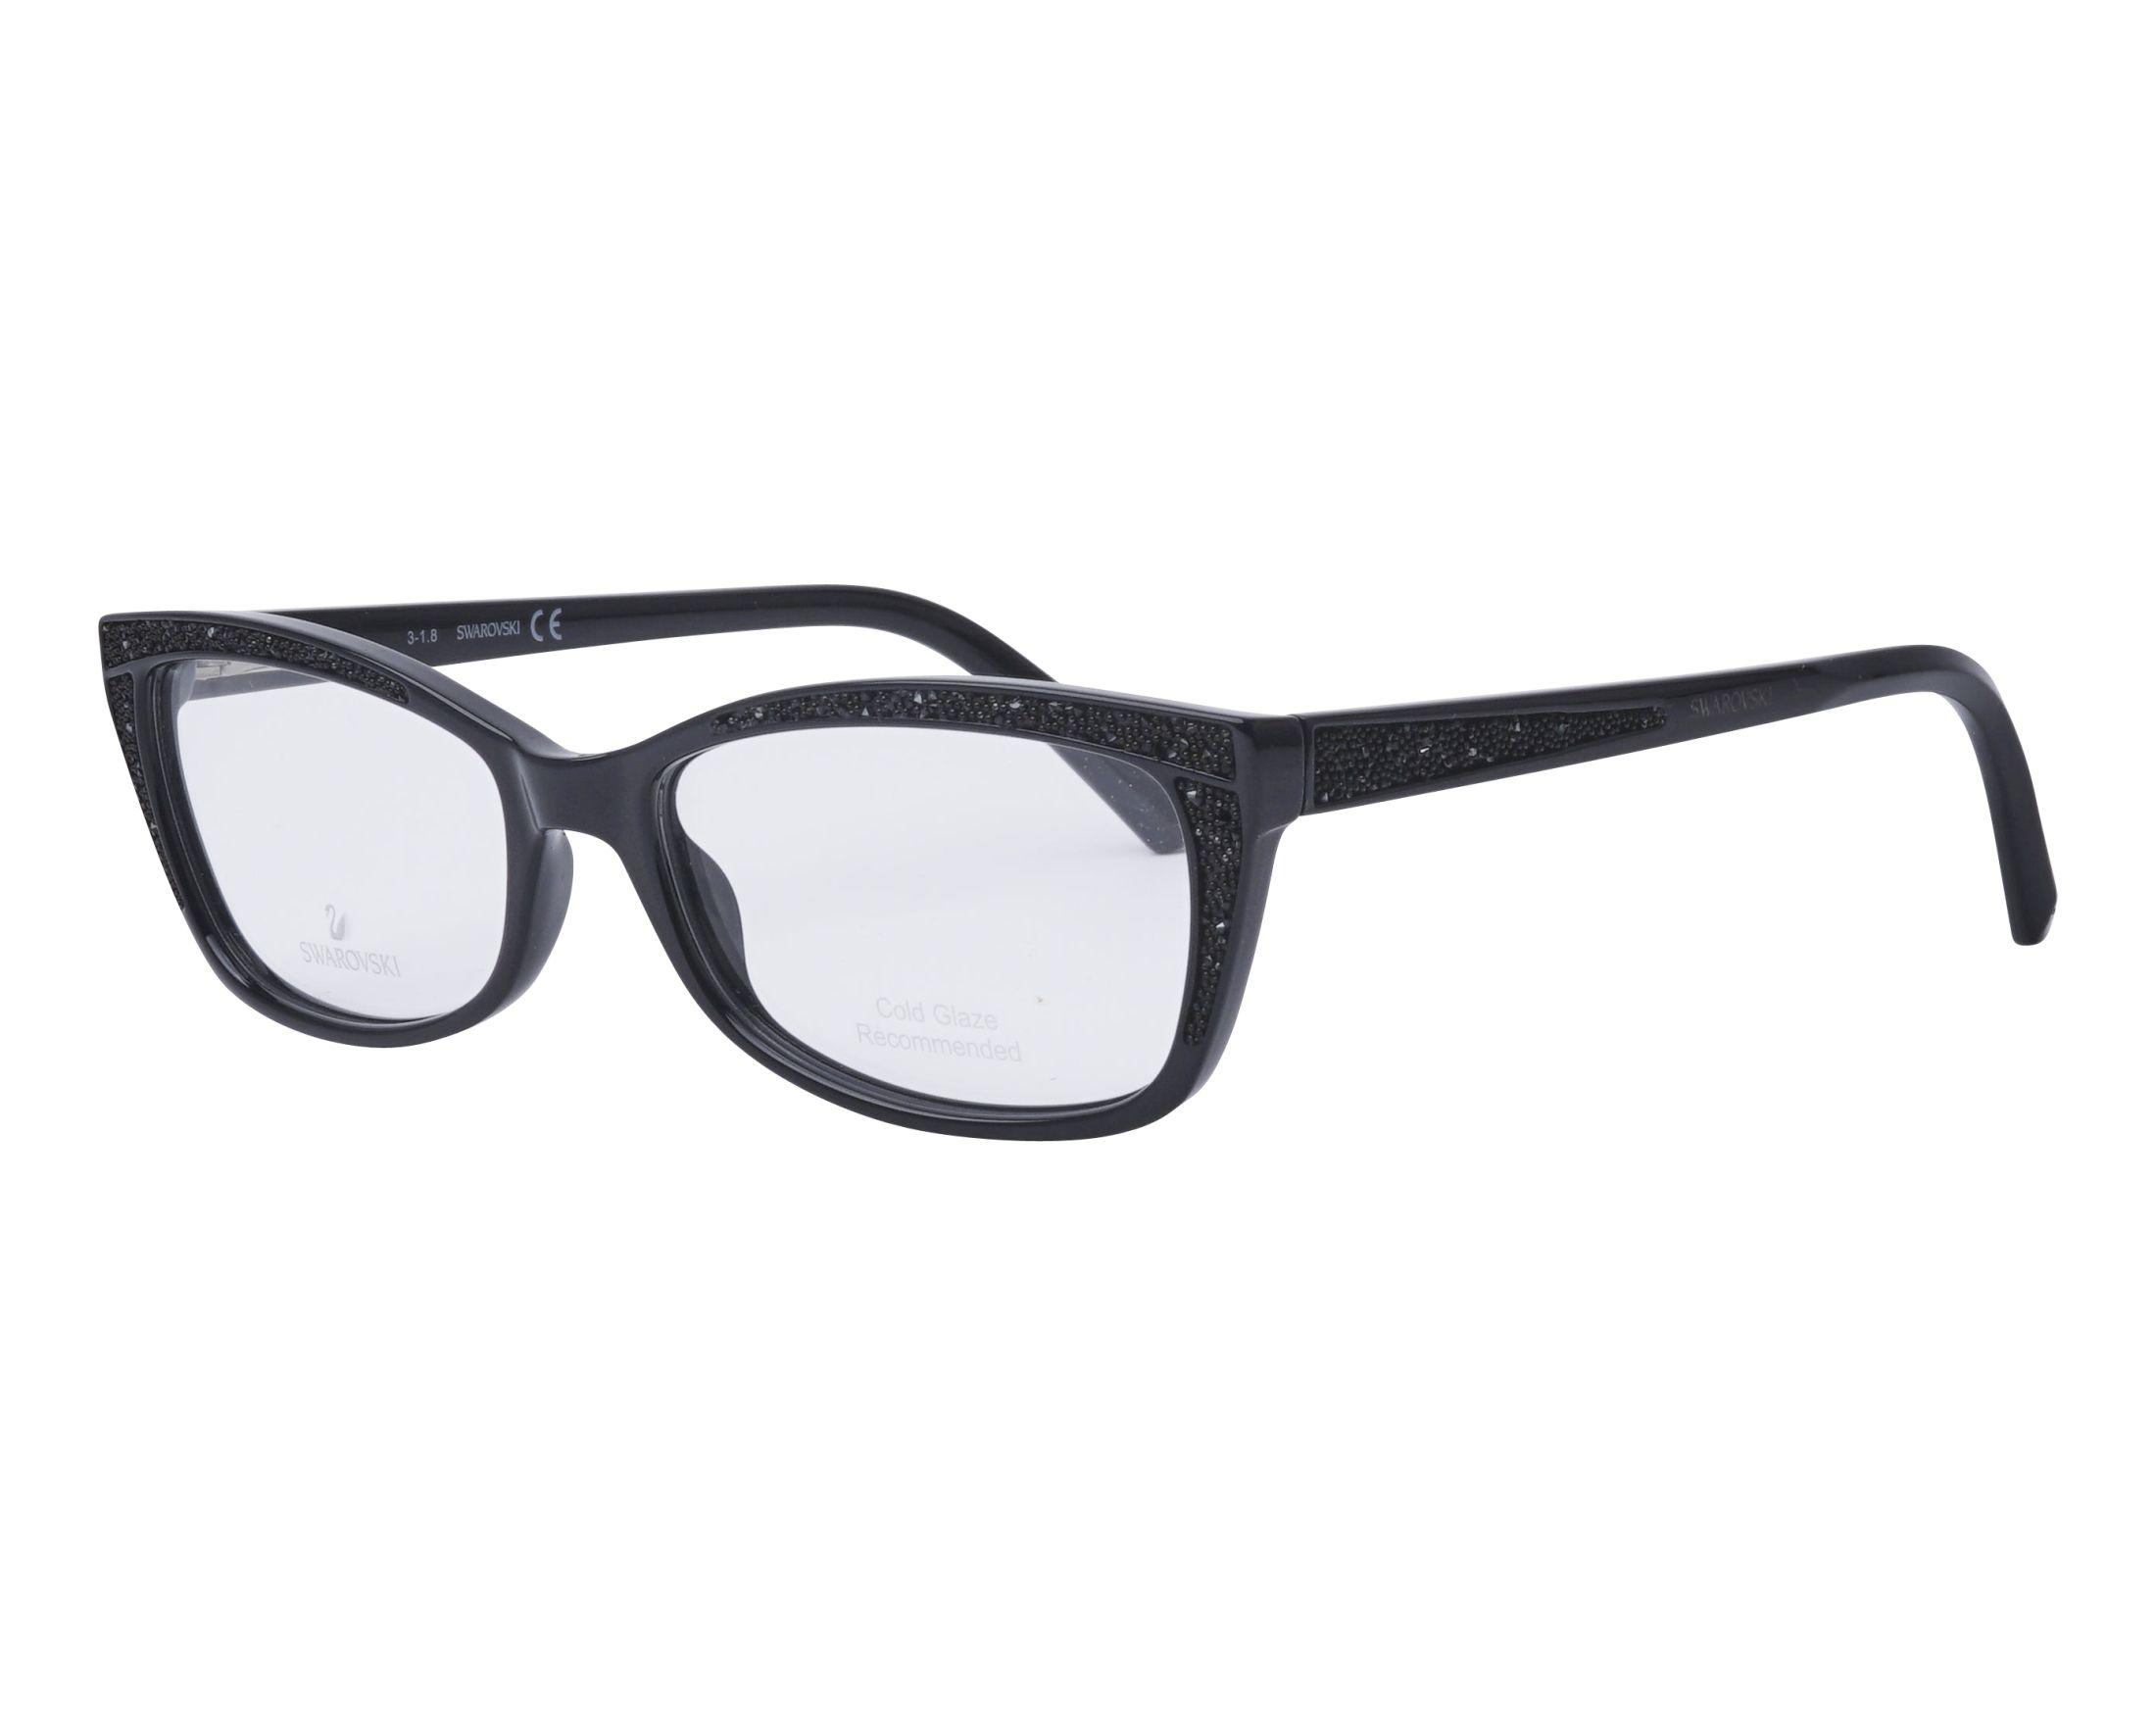 2a5865dc0c0 Lunettes de vue Swarovski SK-5274 001 54-16 Noir Noir vue de profil